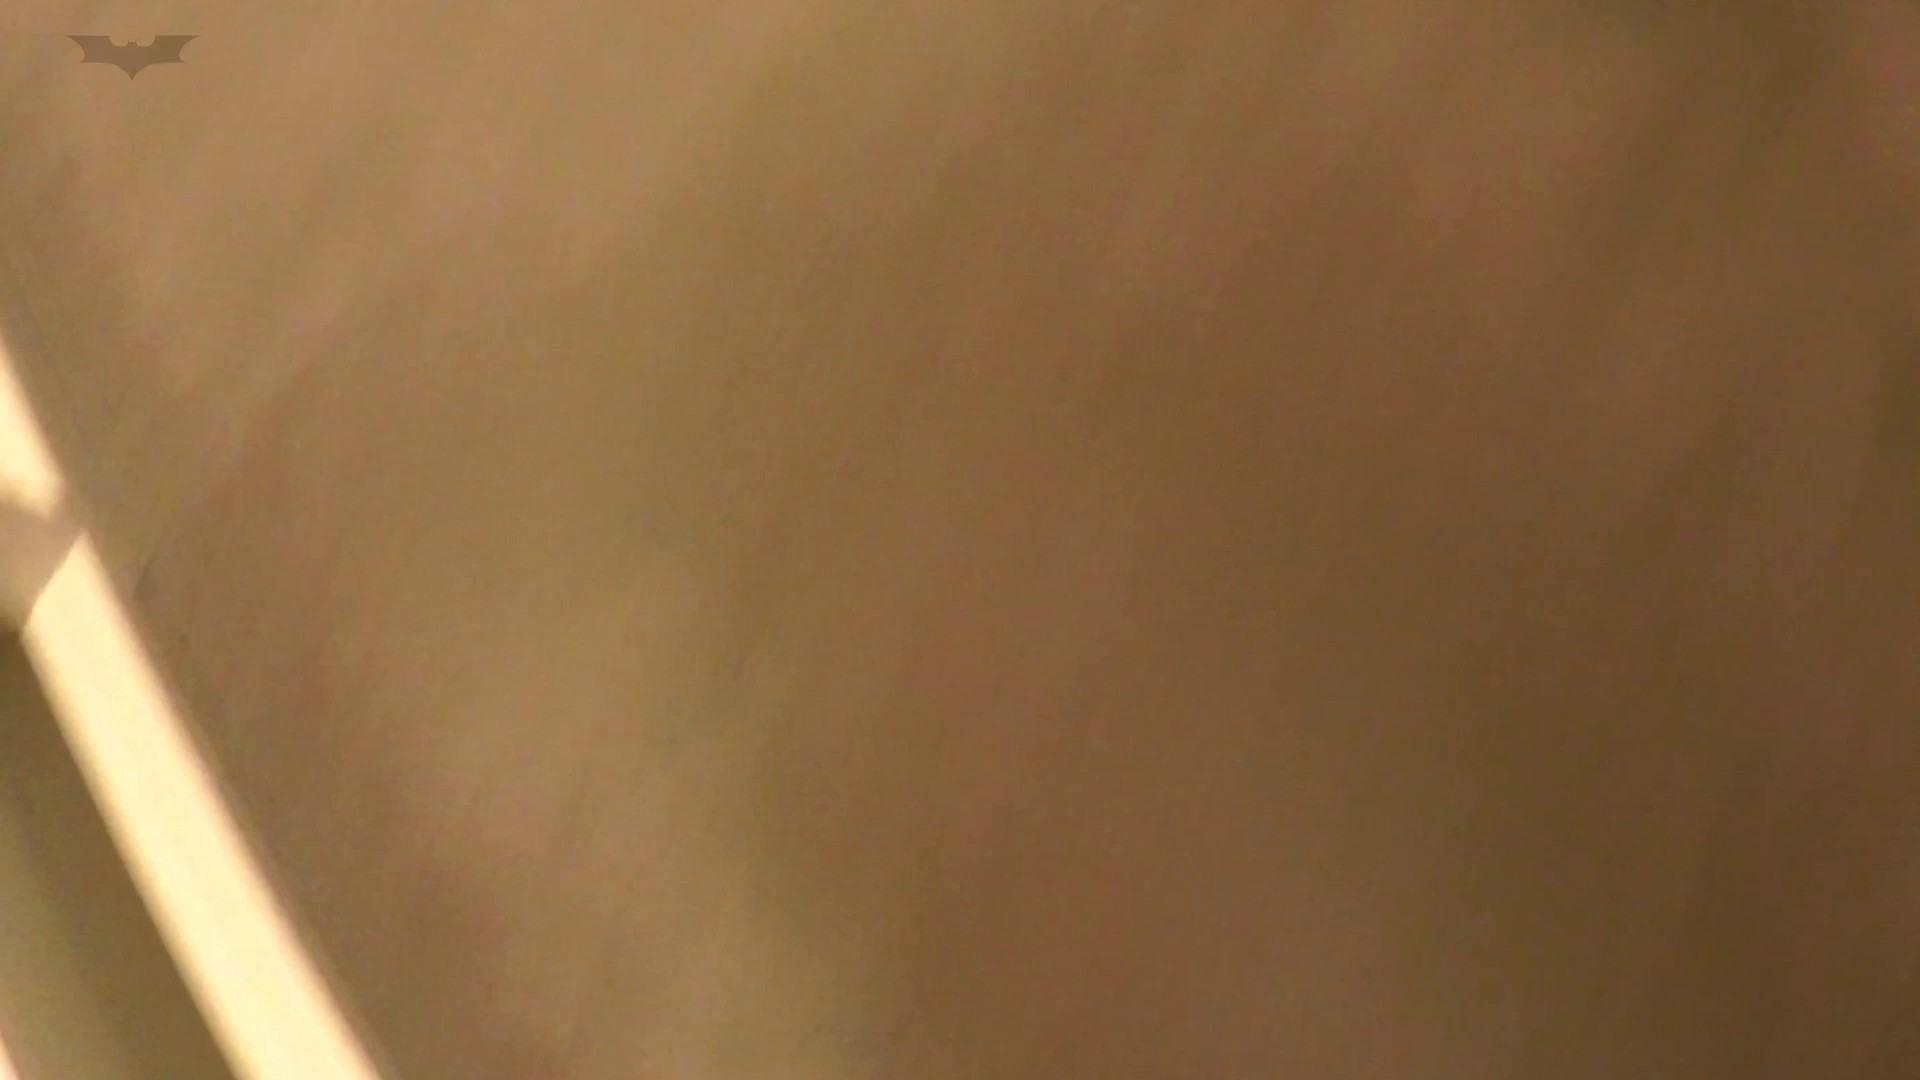 悪戯ネットカフェ Vol14 よく似ているJDにかけちゃった。 潜入 | いじくり  99枚 1